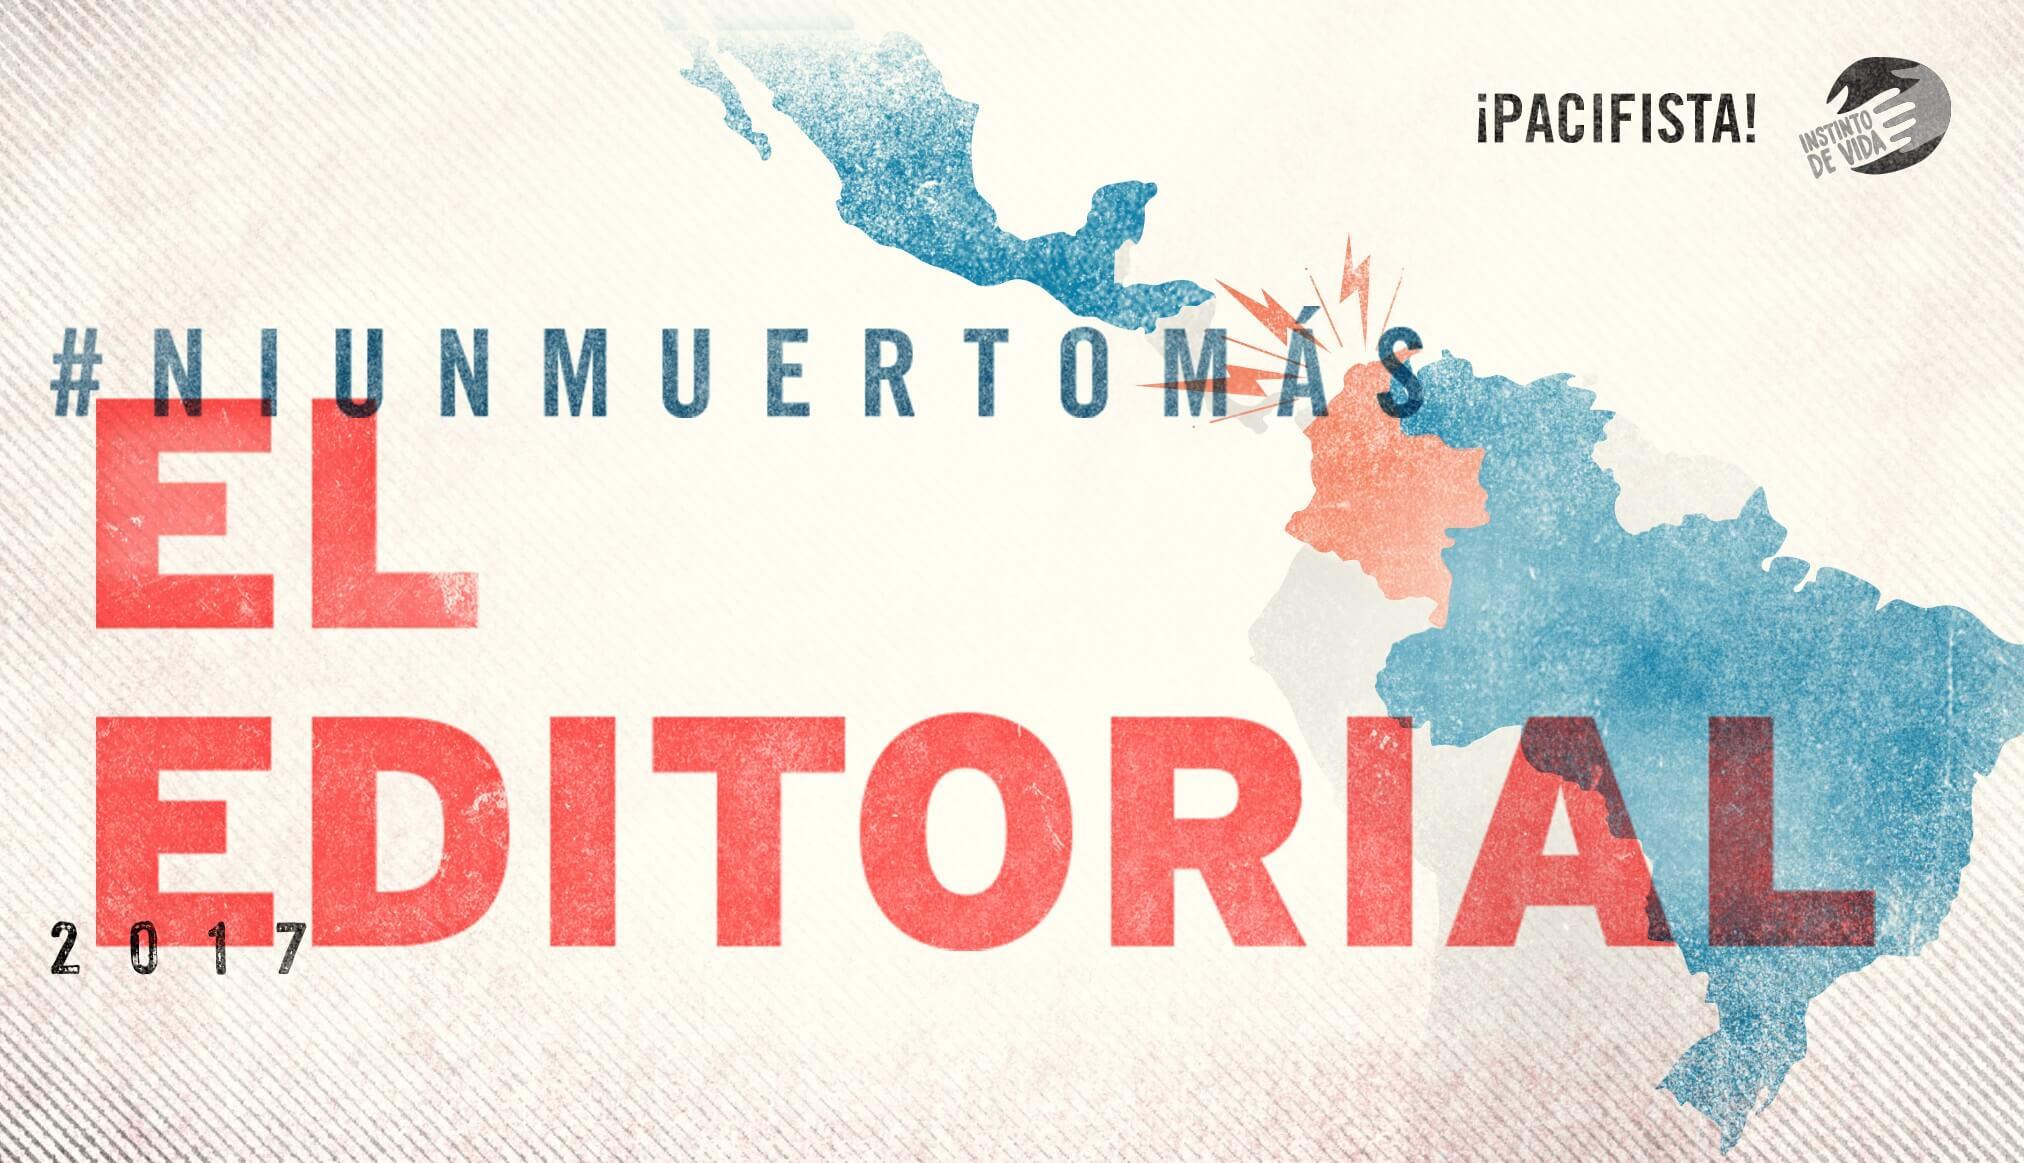 Editorial: Los 11.000 colombianos asesinados cada año tienen que dejar de ser parte del paisaje